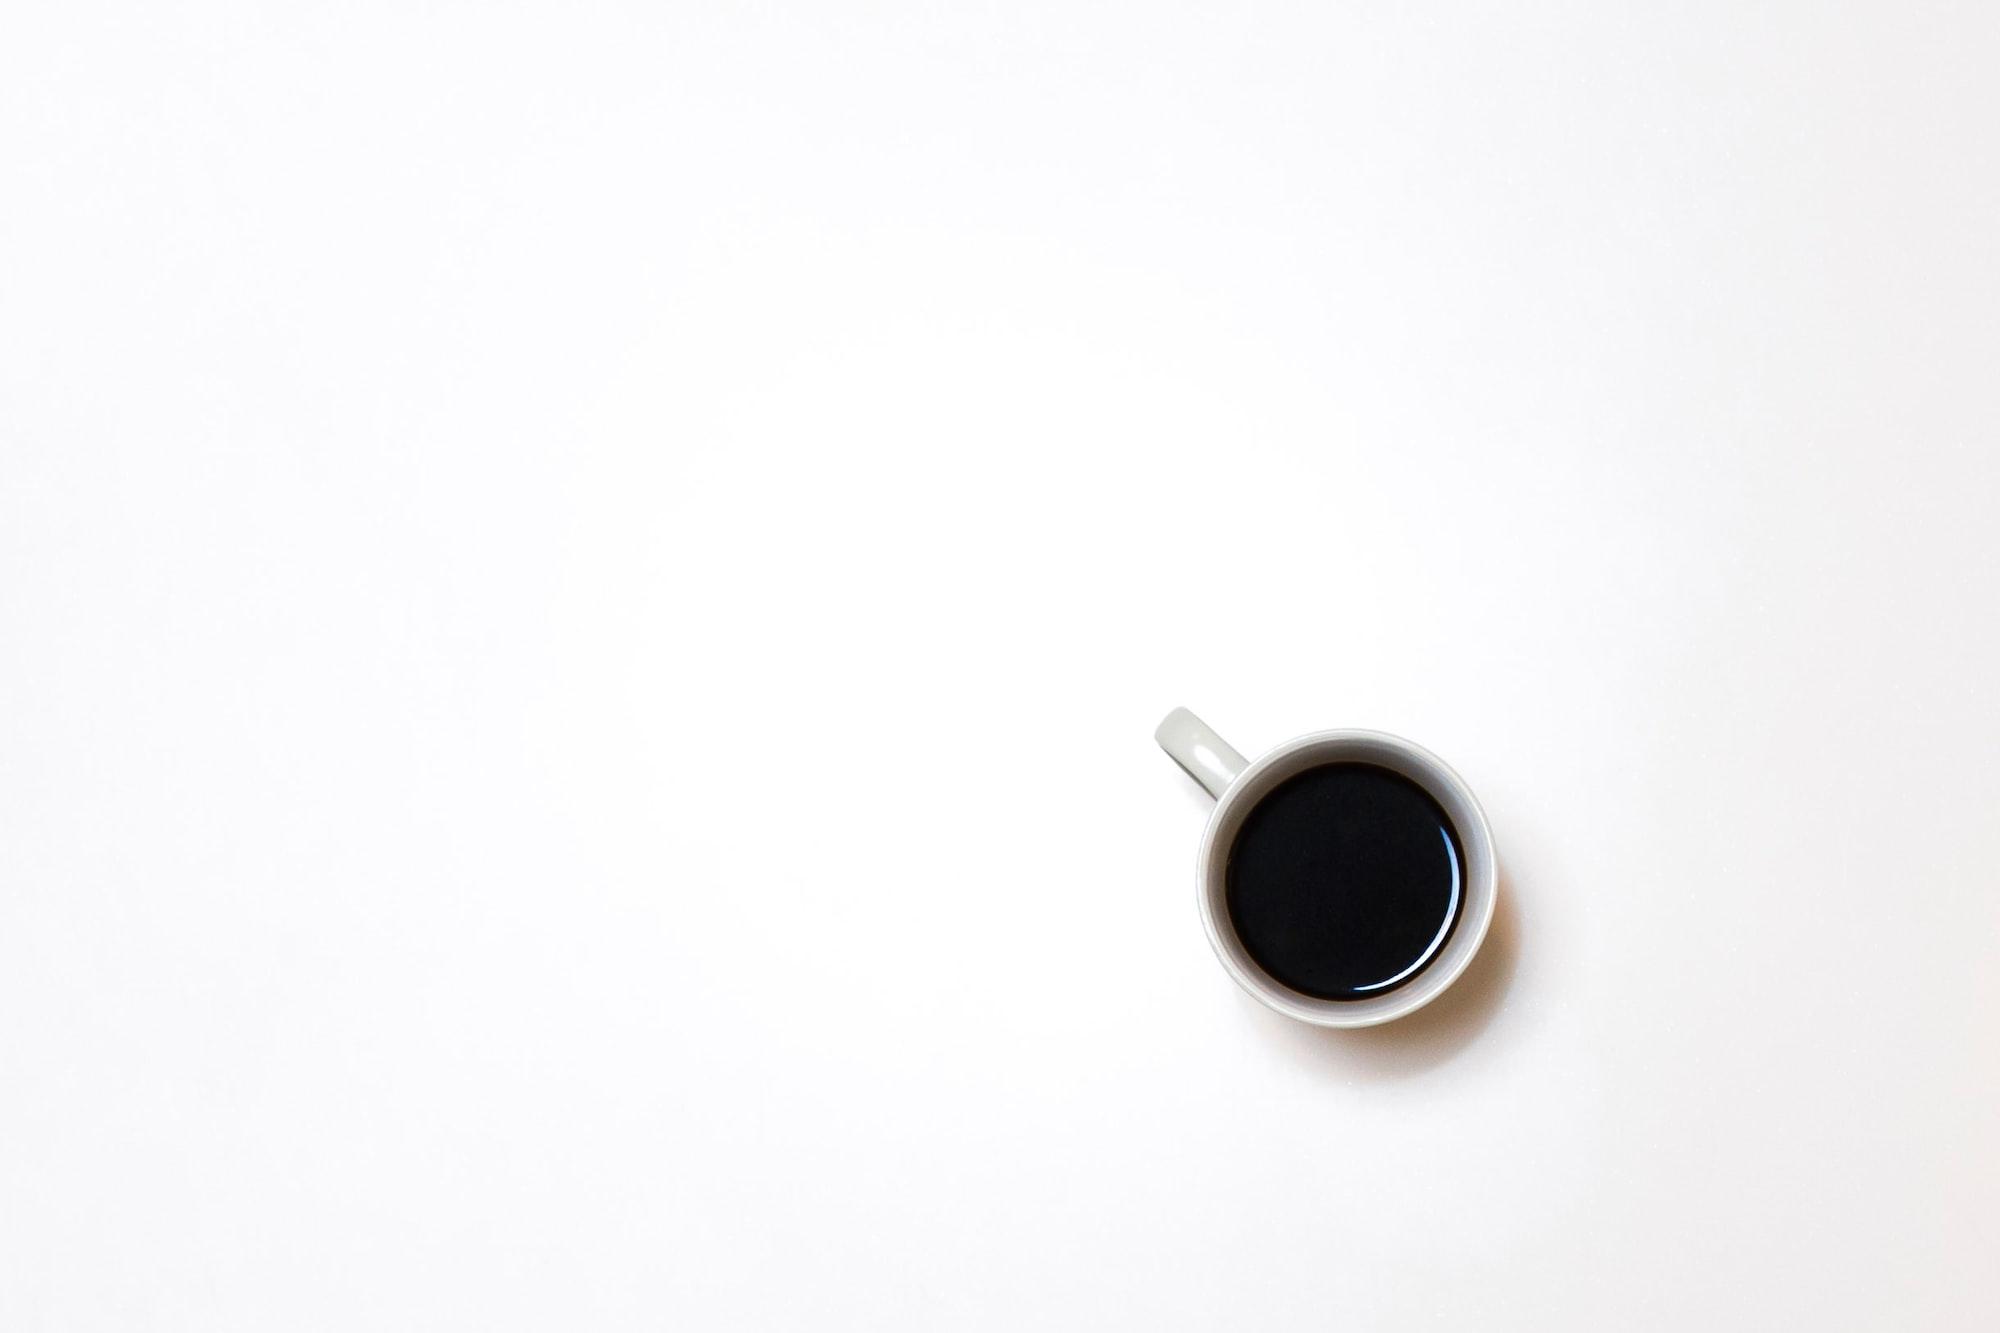 인텔리젠시아 커피(Intelligentsia Coffee) 이야기, 좋은 동료가 되는 법